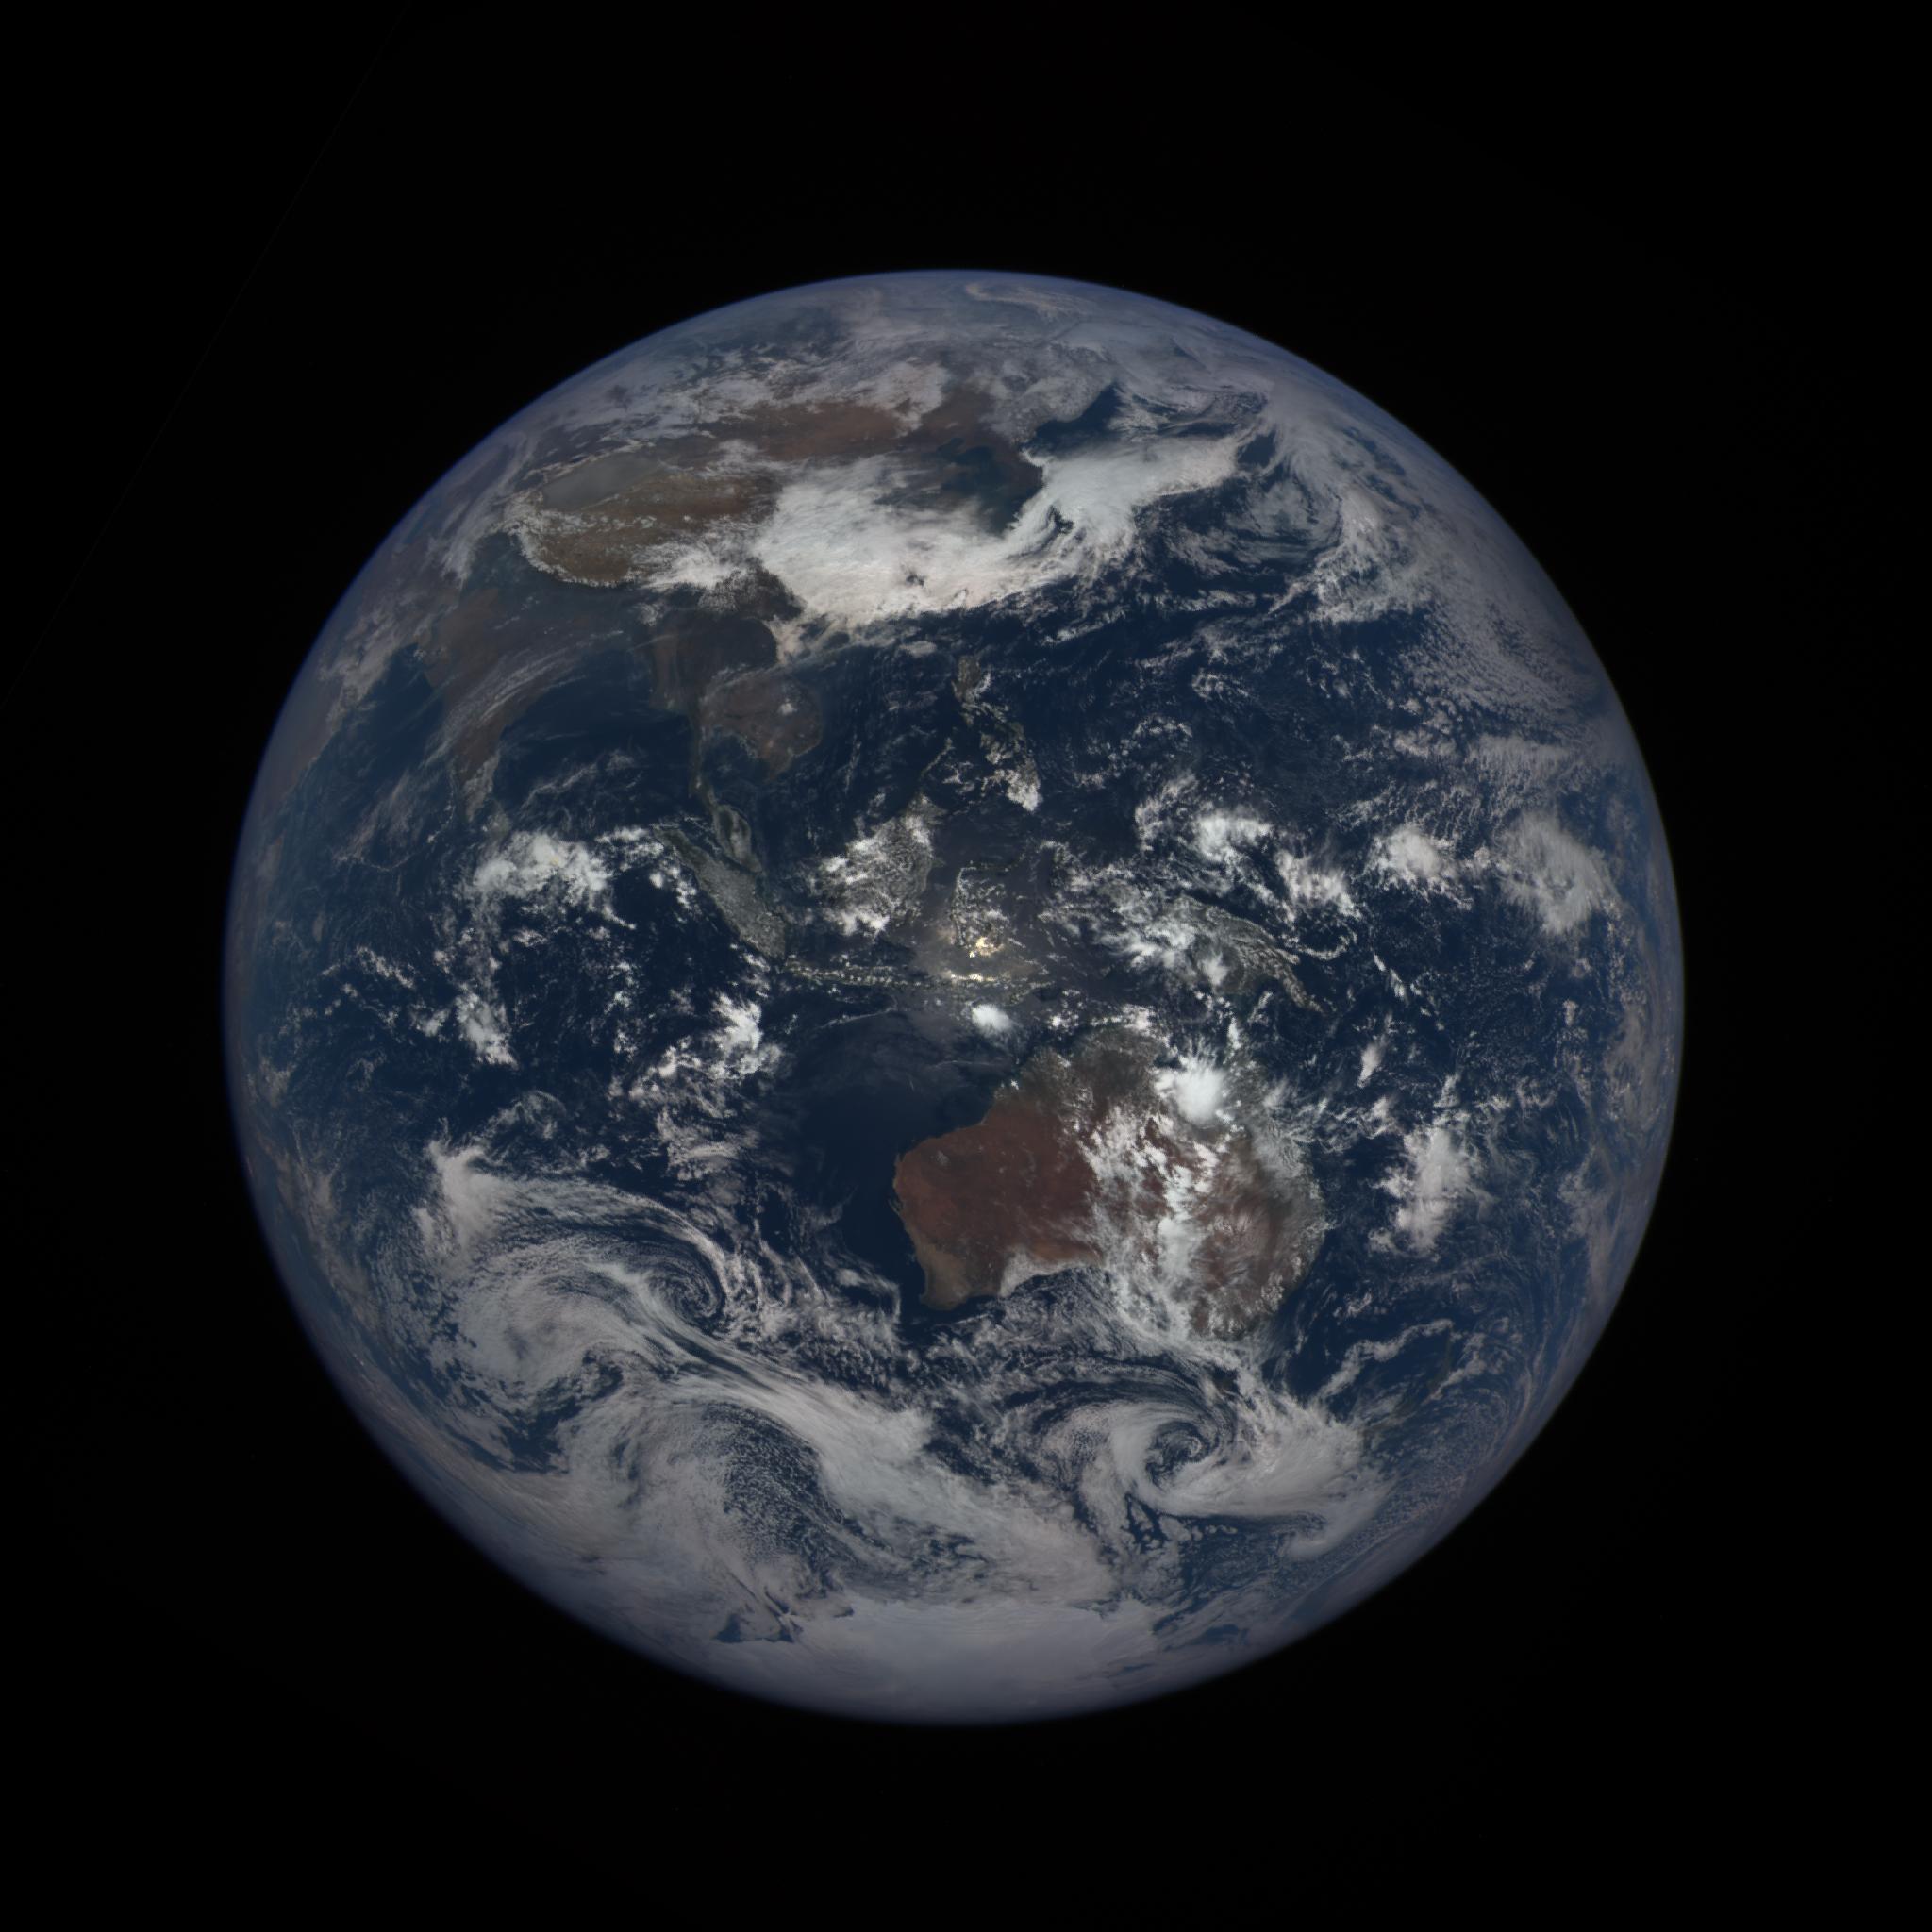 nasa visible solar system - photo #47